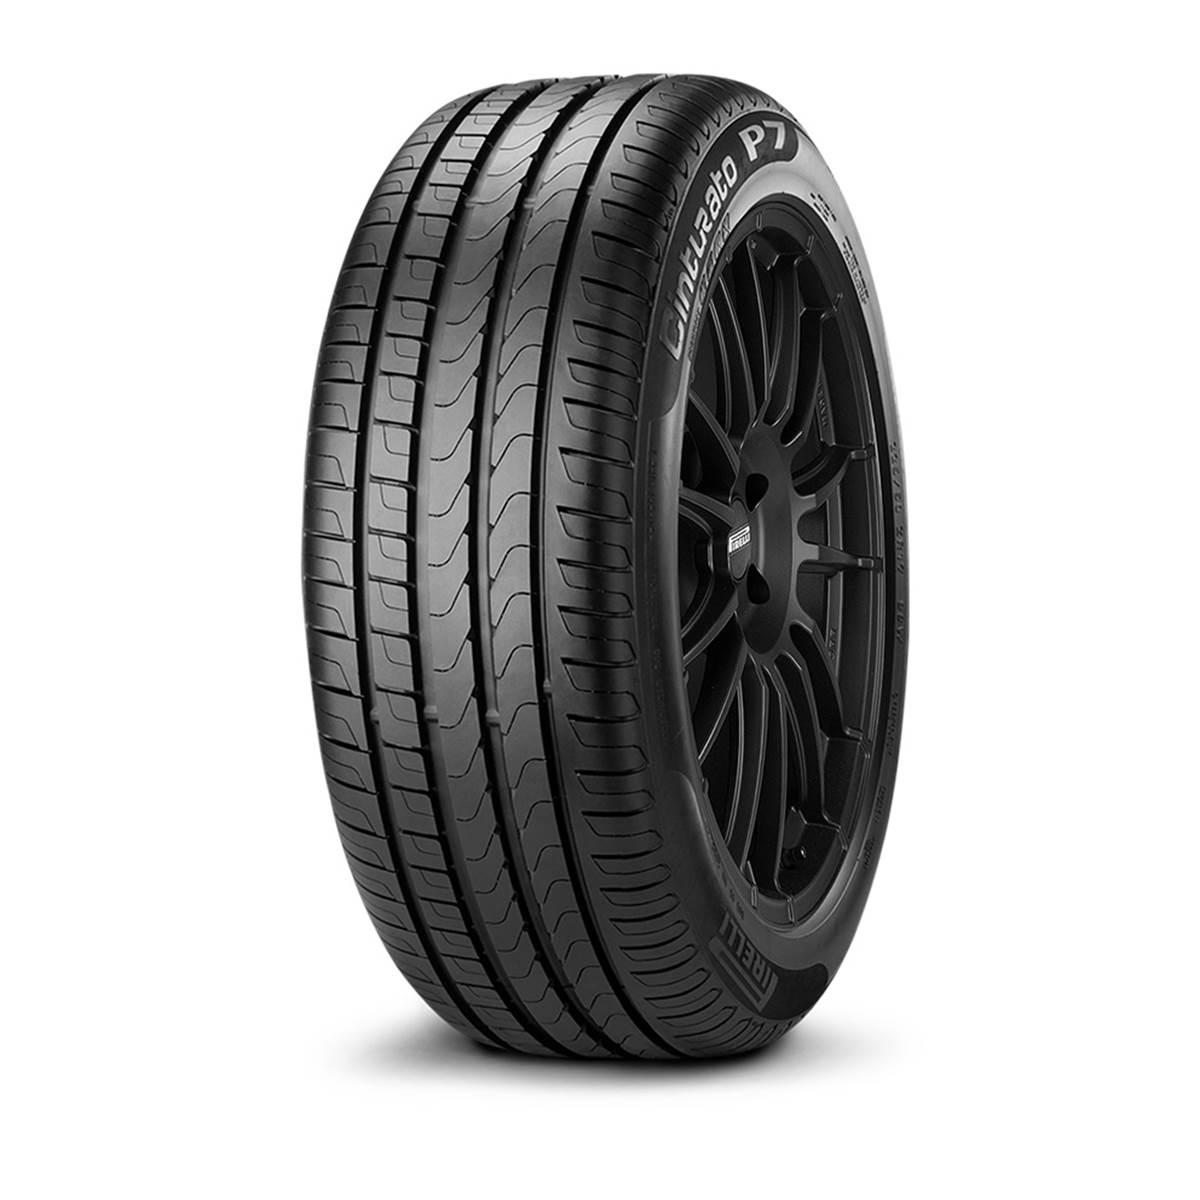 Pneu Pirelli 225/50R17 98Y Cinturato P7 homologué Audi XL